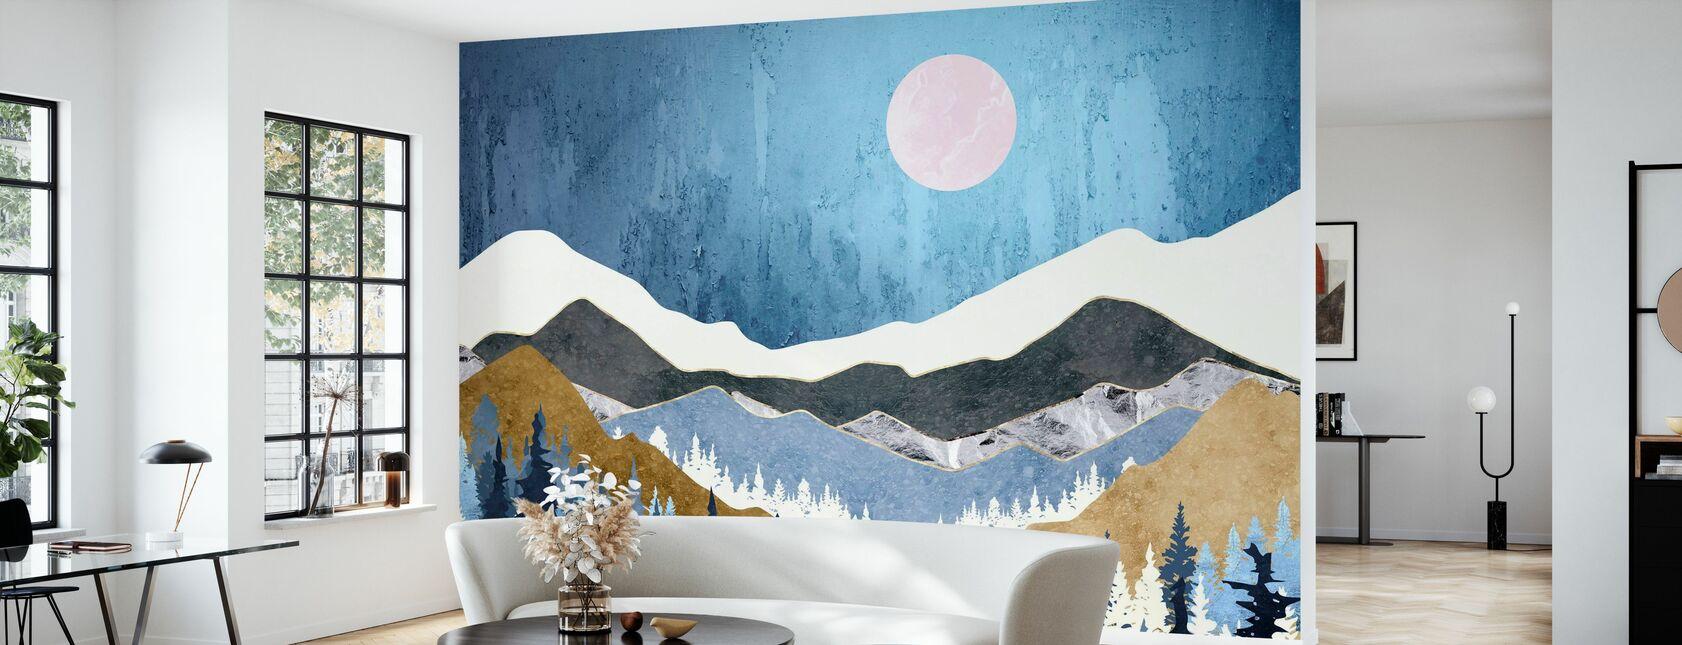 Blueberry Sky - Wallpaper - Living Room